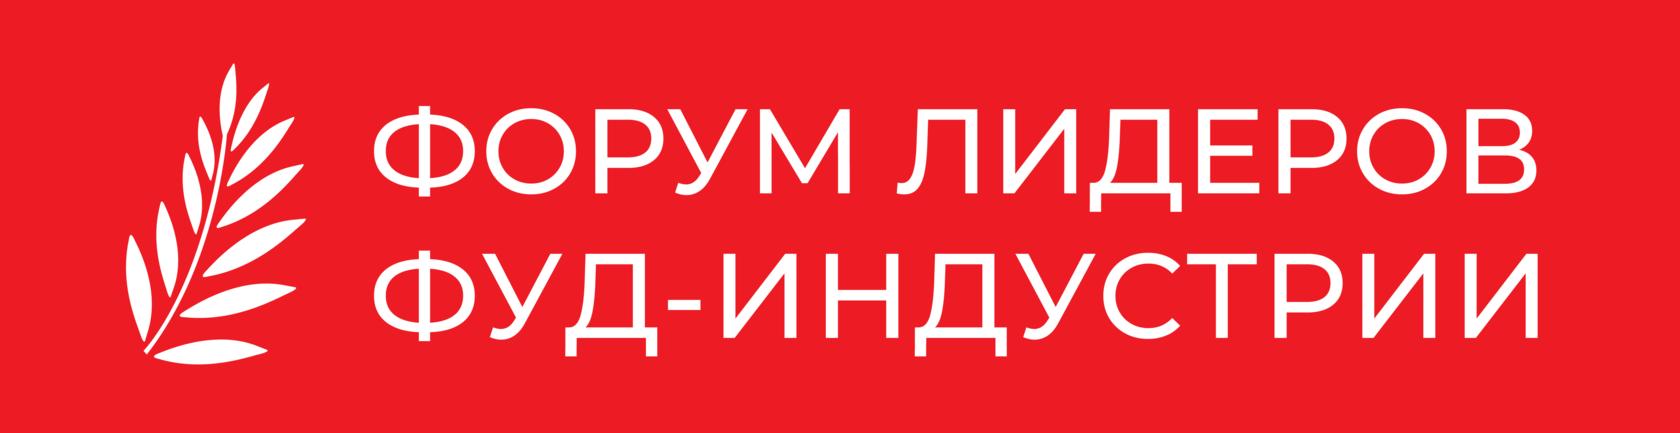 II Форум Лидеров Фуд-индустрии